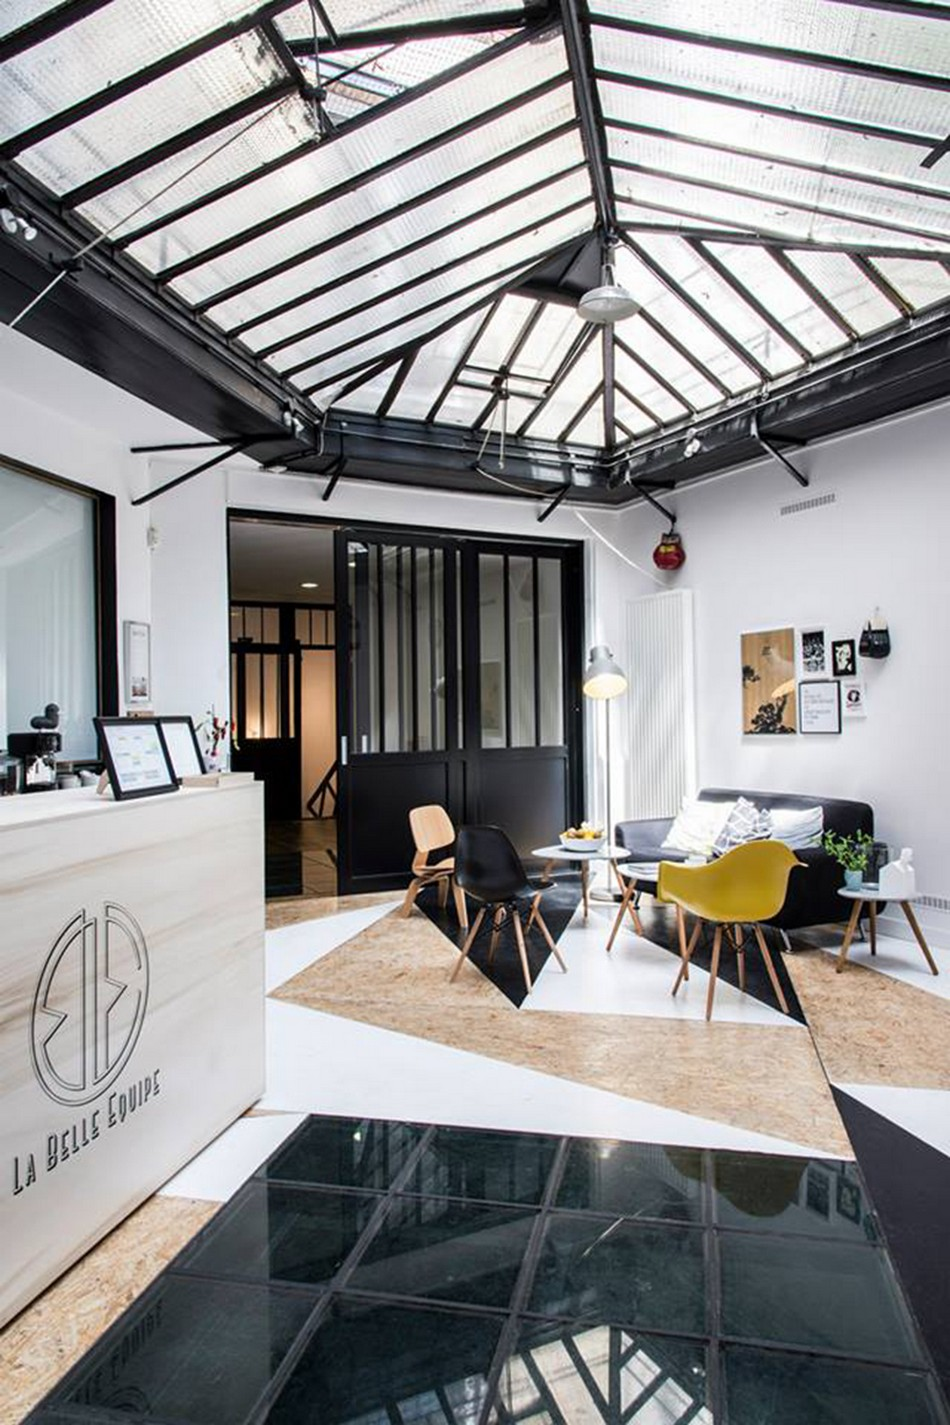 Дизайн интерьера тайского бокс-зала La Belle Equipe в Париже